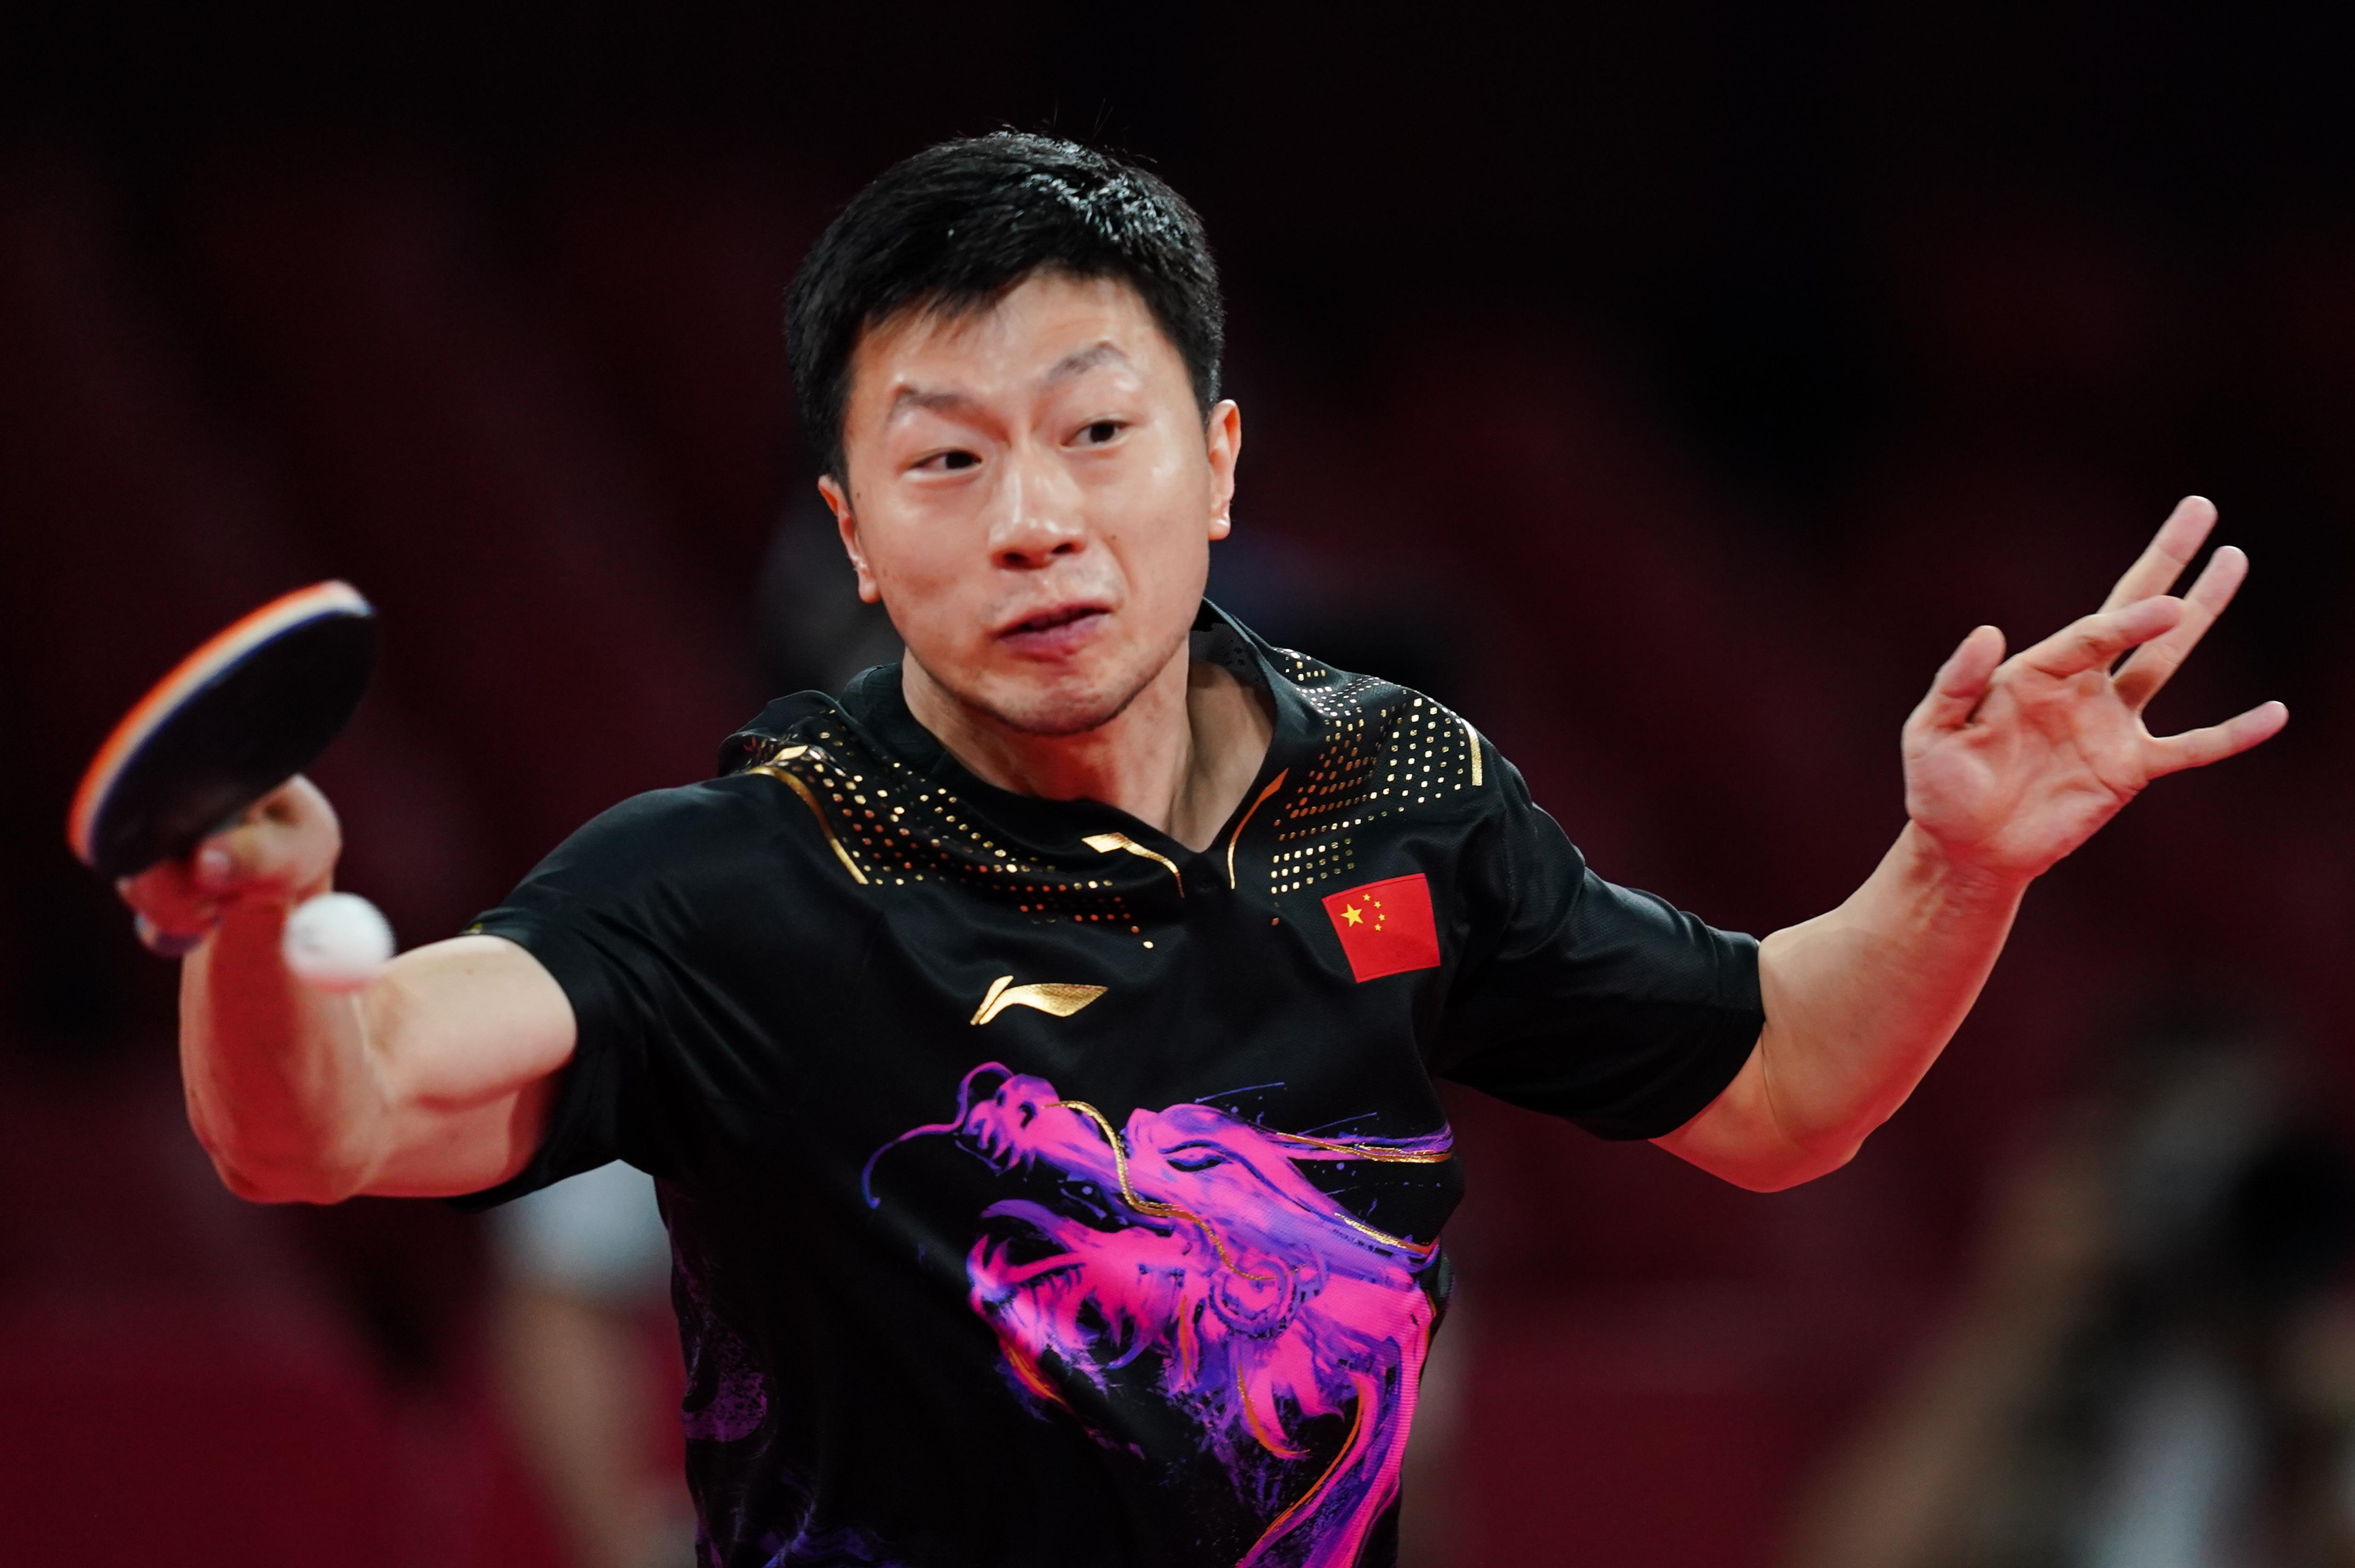 这就是巅峰对决!马龙击败樊振东,男乒卫冕奥运金牌第一人(图5)